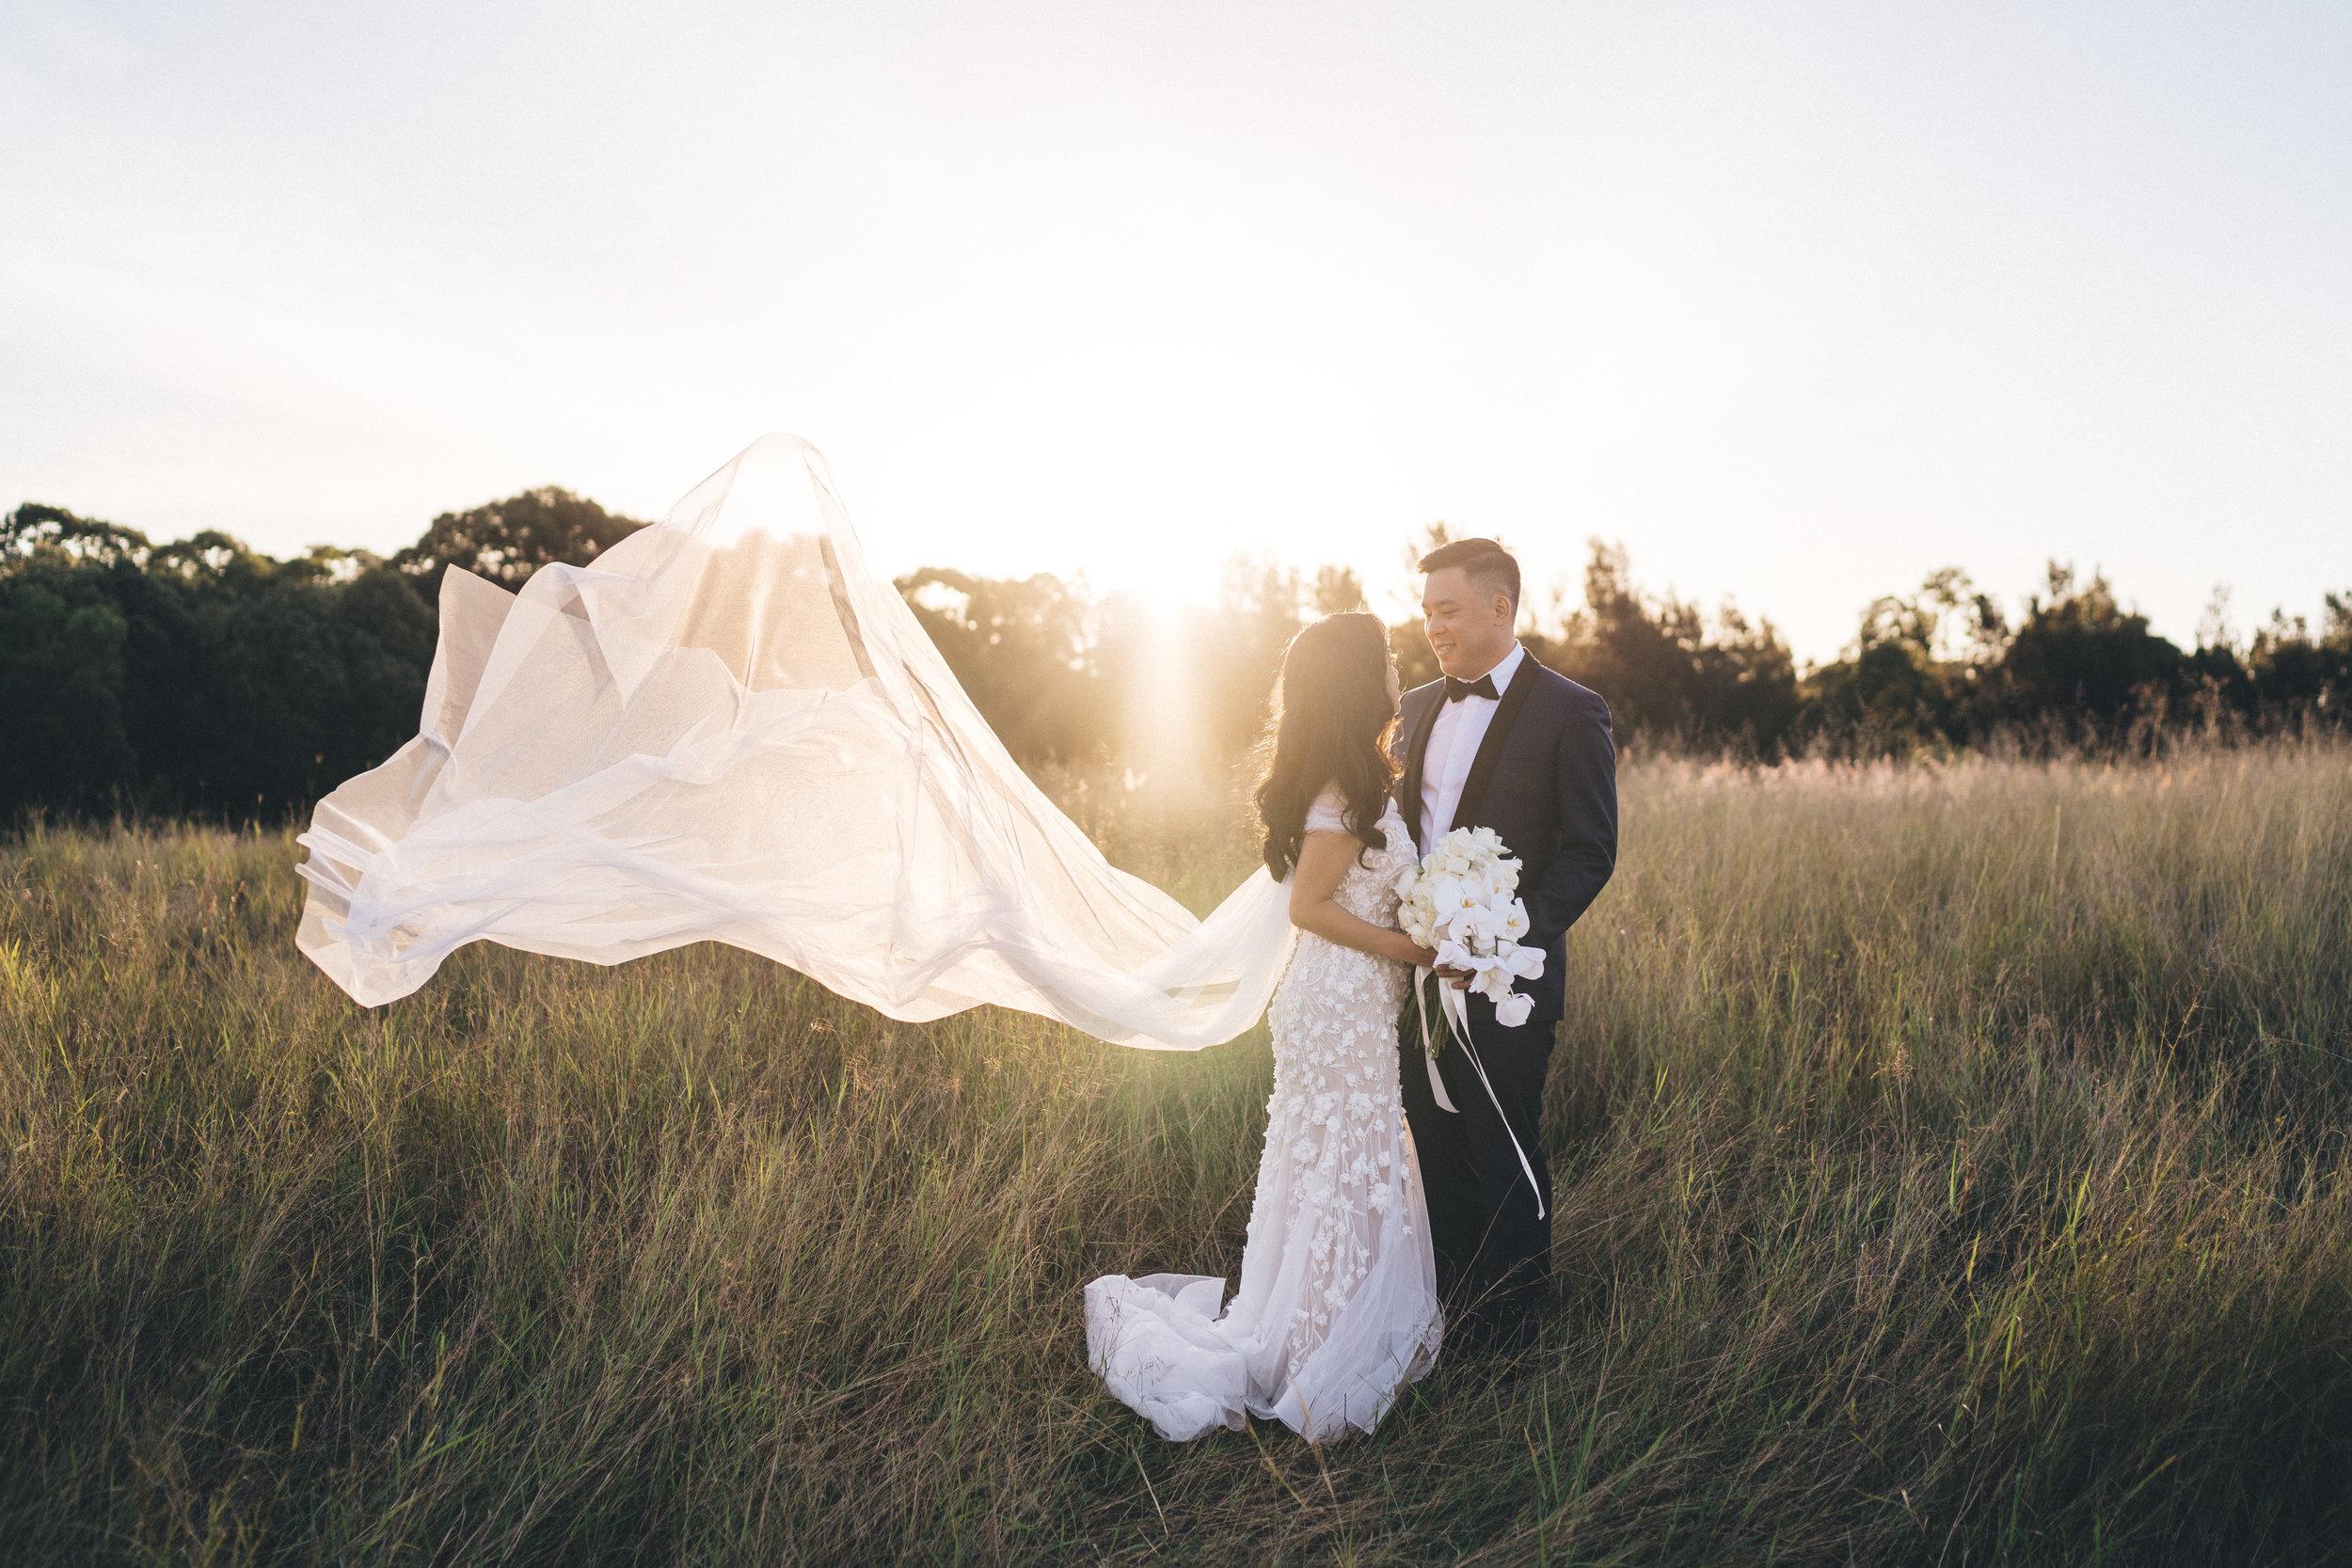 Annabelle-Phong-Wedding-HI-RES-0014.jpg